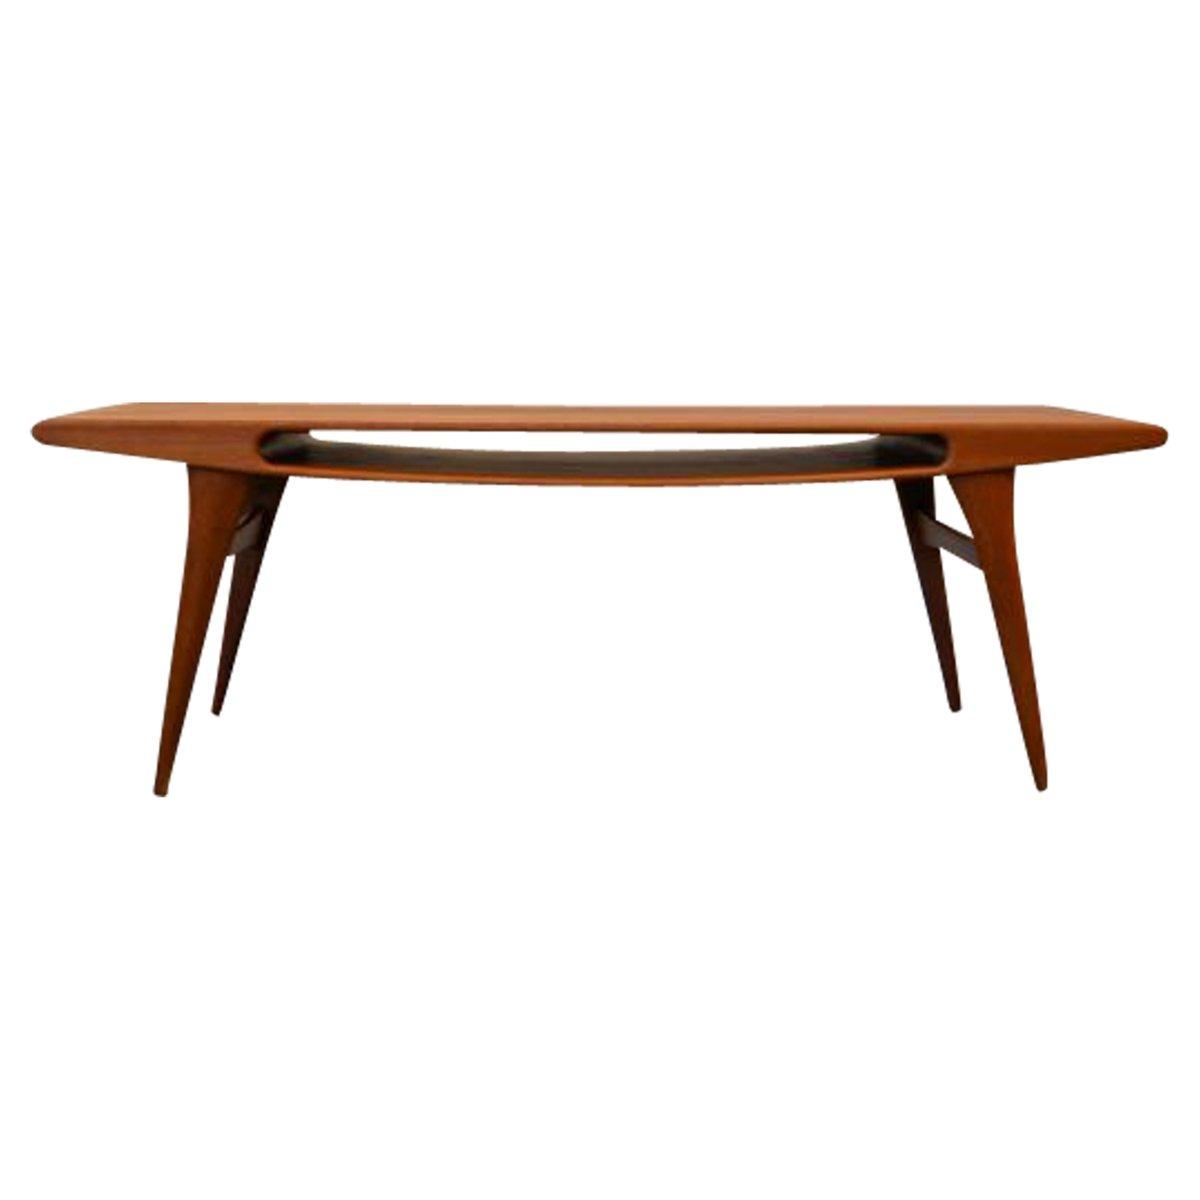 table basse vintage en teck avec ouverture sourire. Black Bedroom Furniture Sets. Home Design Ideas